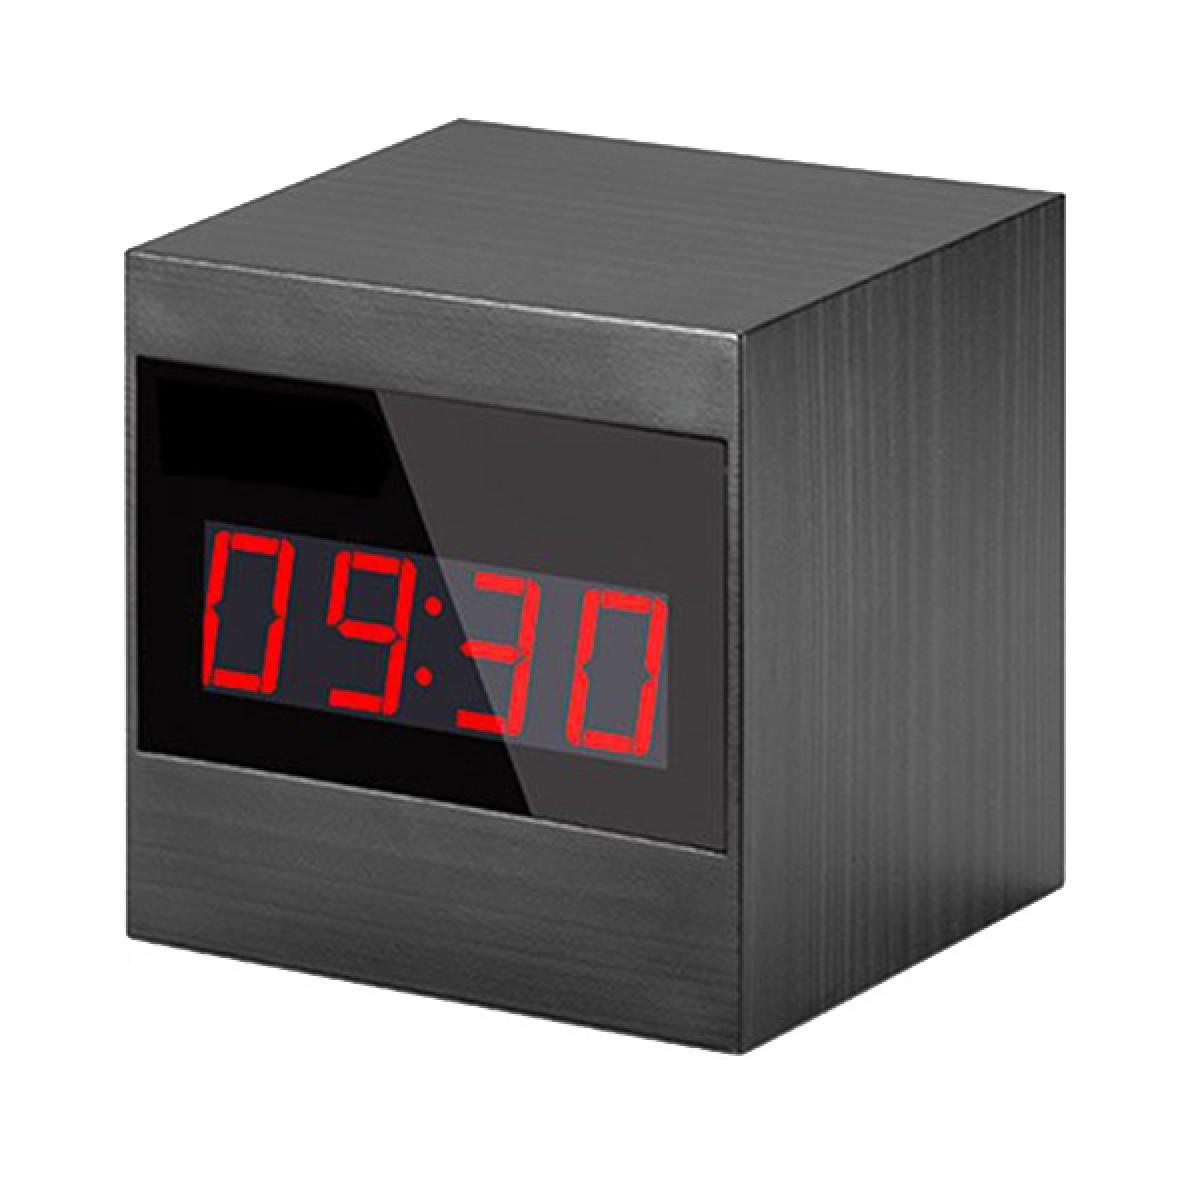 Επιτραπέζιο Ρολόι Κρυφή Κάμερα WiFi με Ανίχνευση Κίνησης A10-1